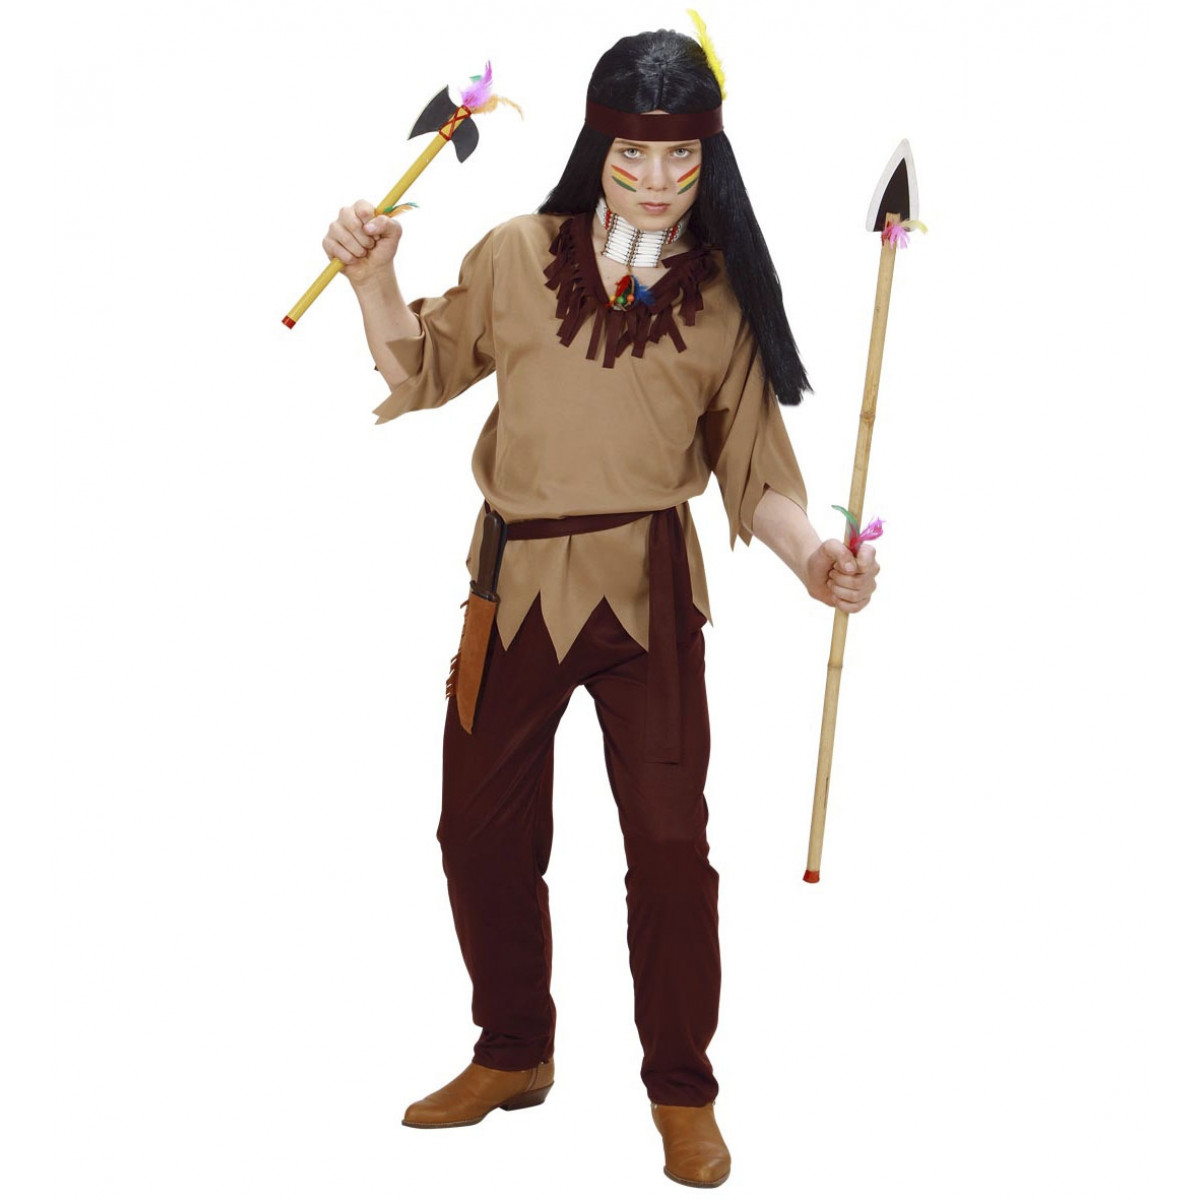 kostum Indijanec 0261